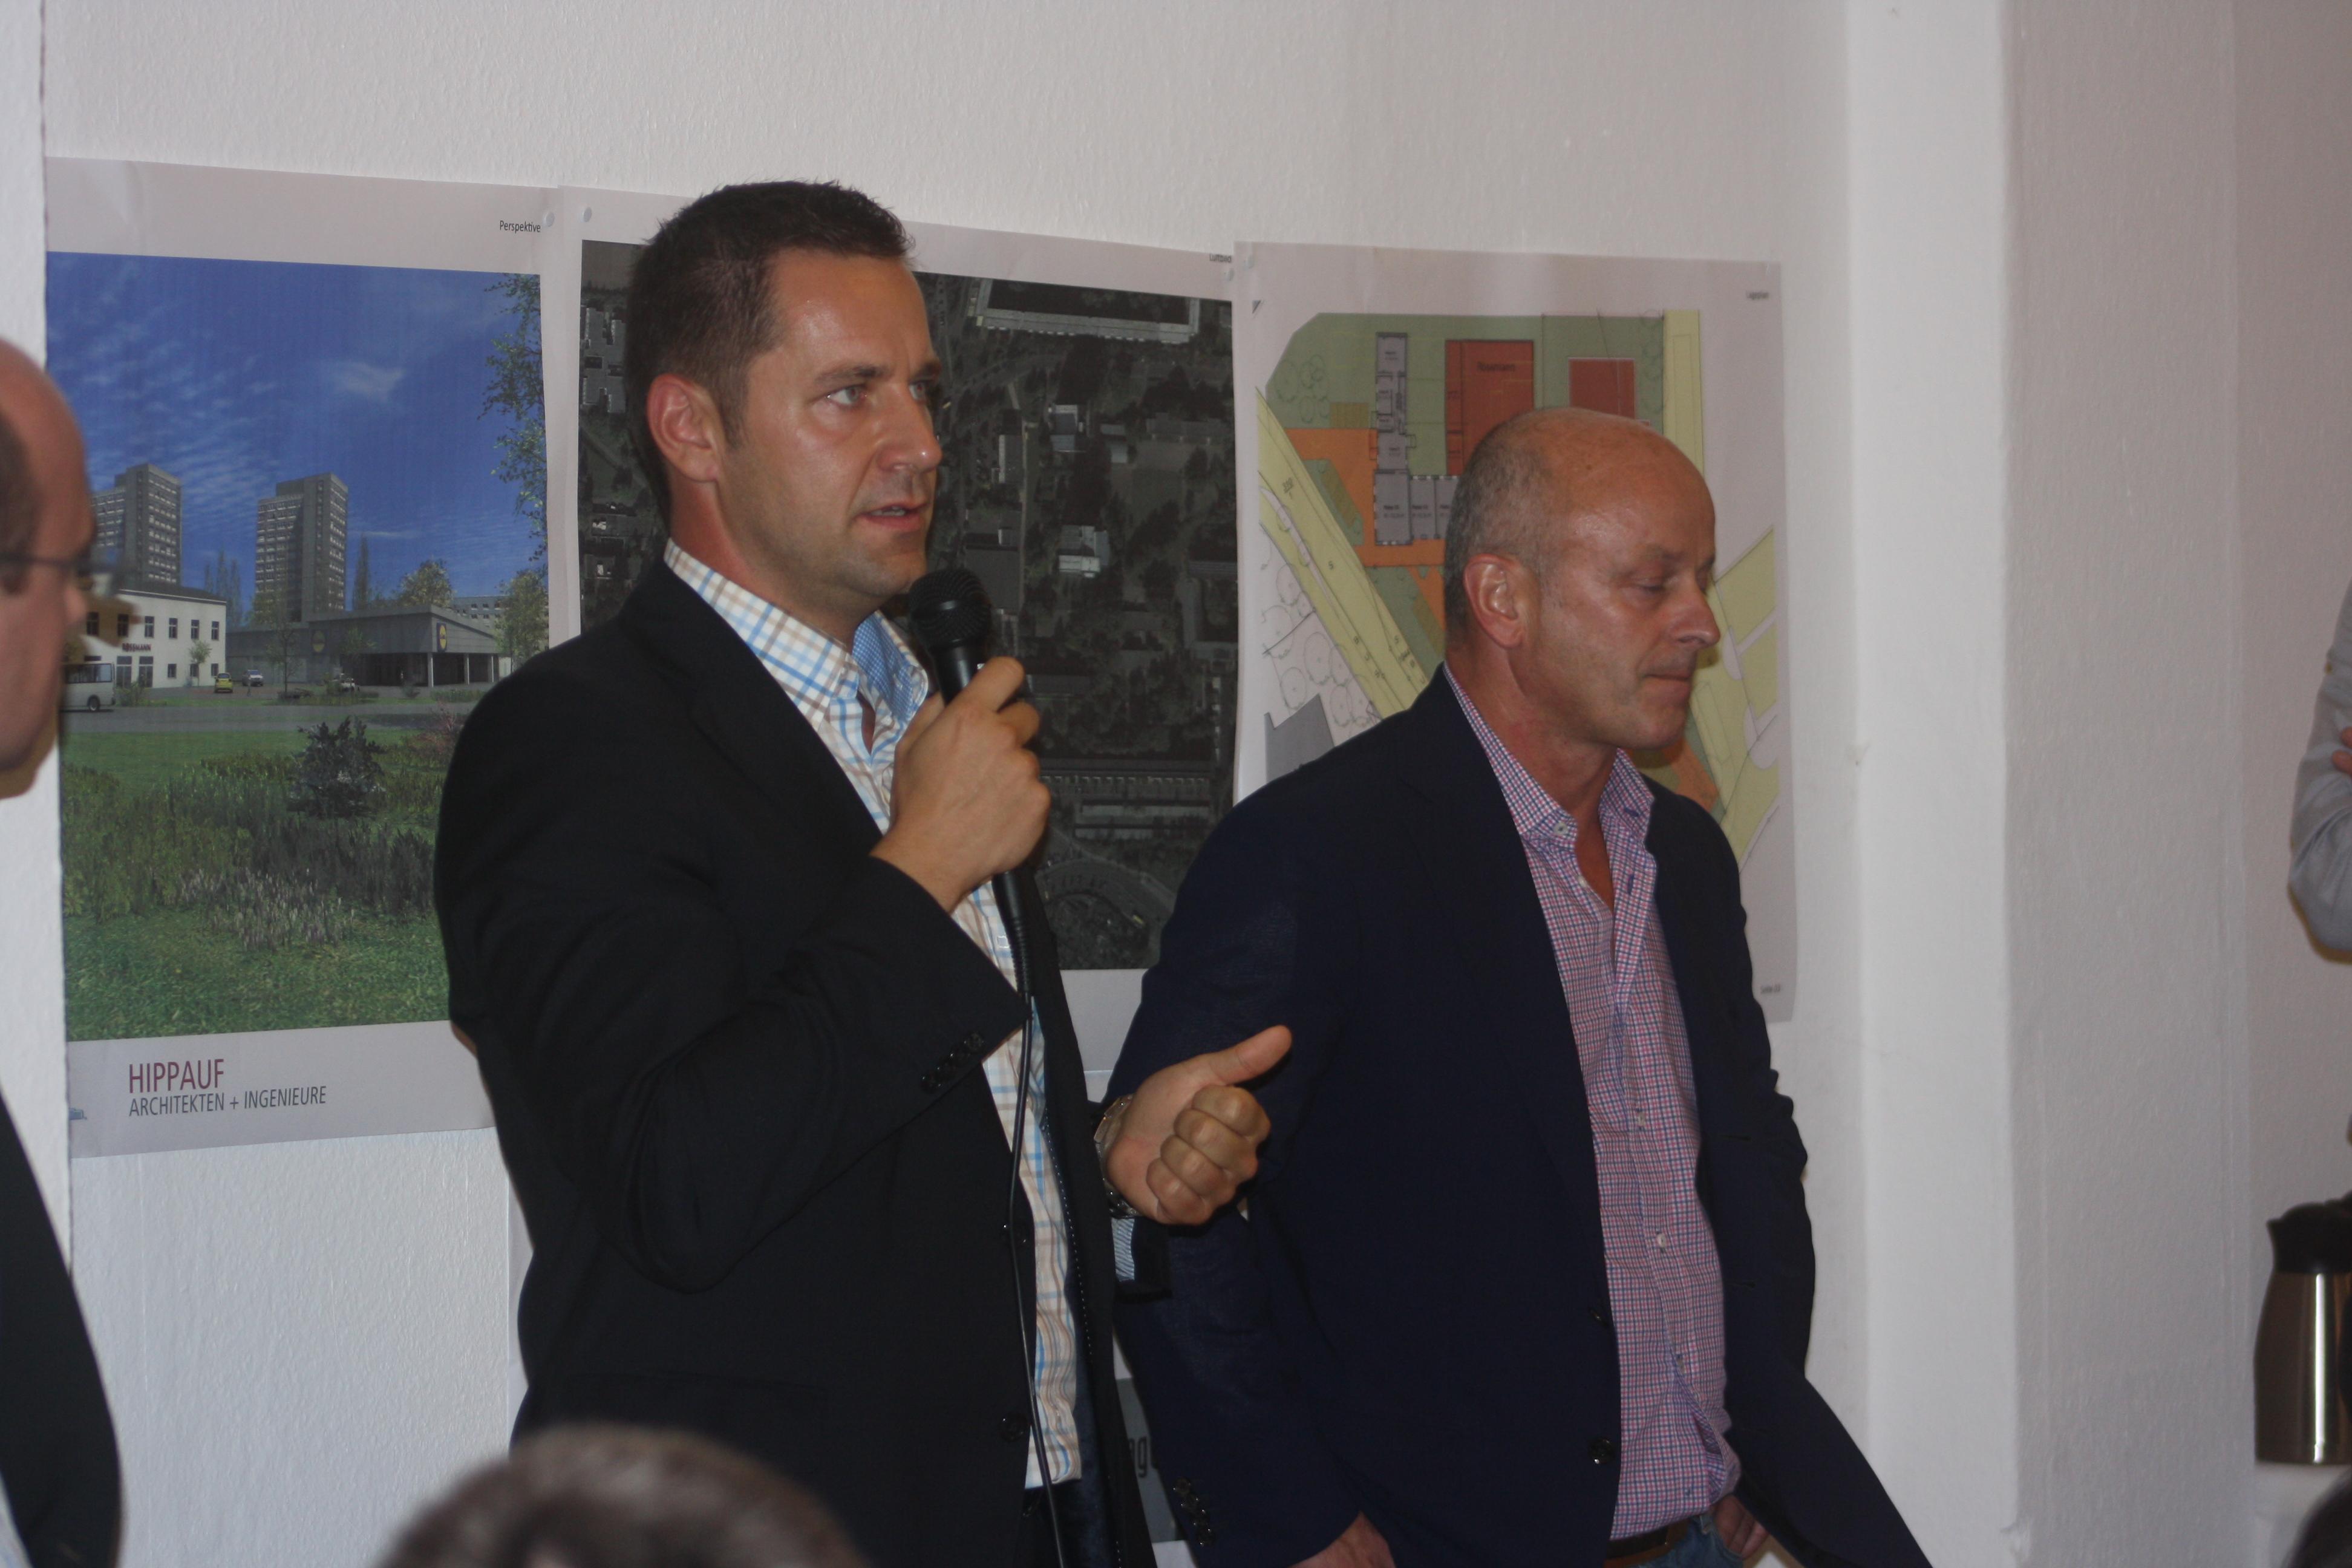 Lidl-Prokurist Marc Wilhelm (links) und Projektentwickler Frank Moritz von Stadtbild Projekt.